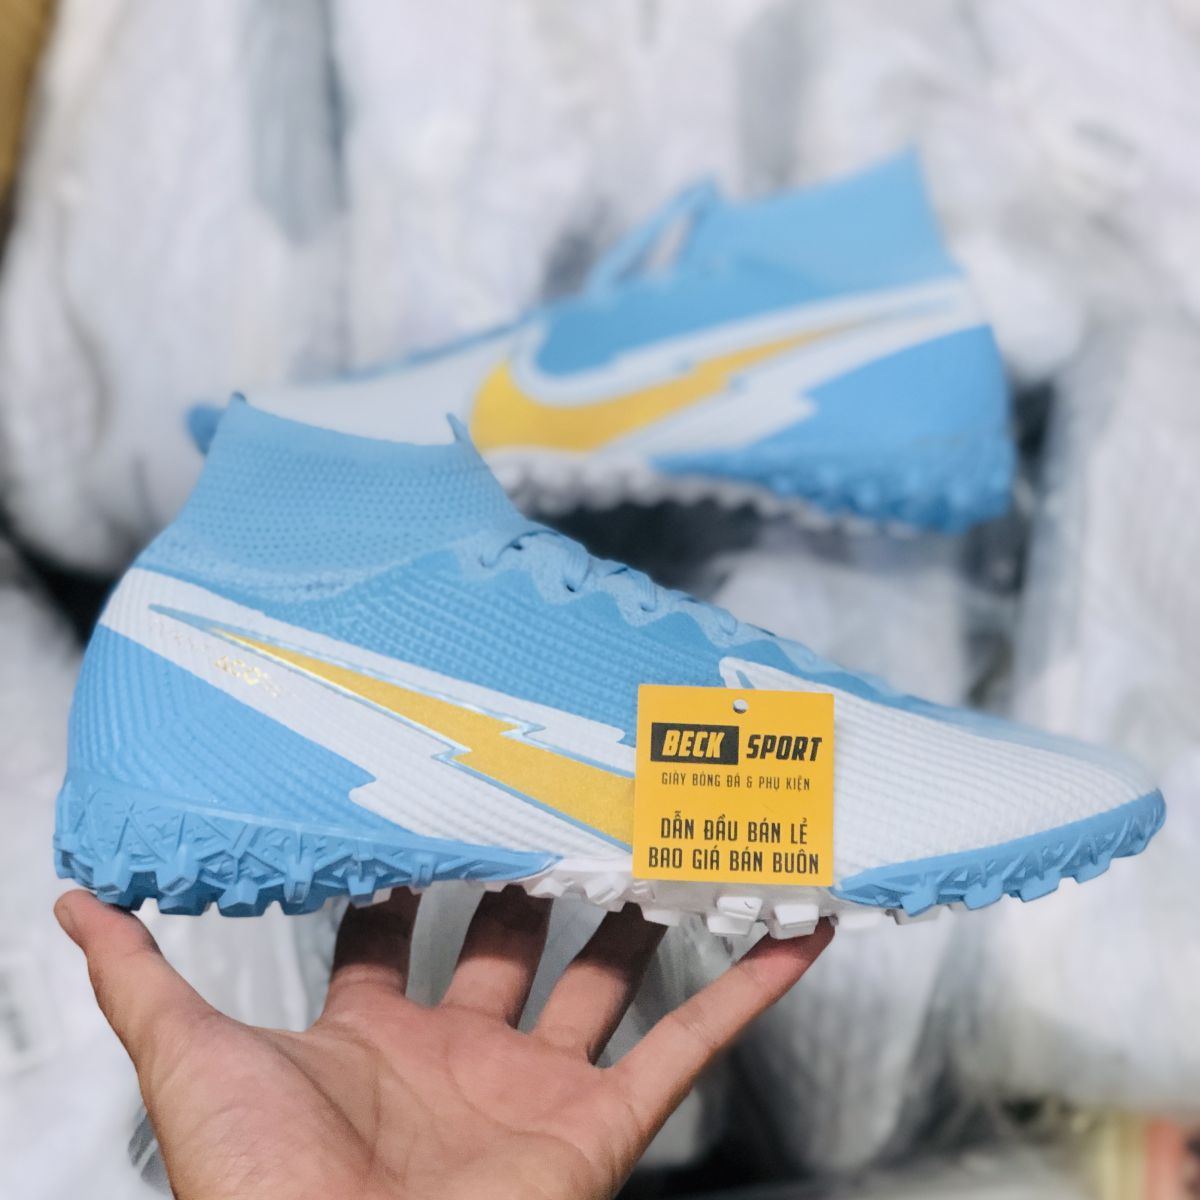 Giày Bóng Đá Nike Mercurial Superfly 7 Elite Xanh Biển Trắng Vạch Vàng Cổ Cao TF